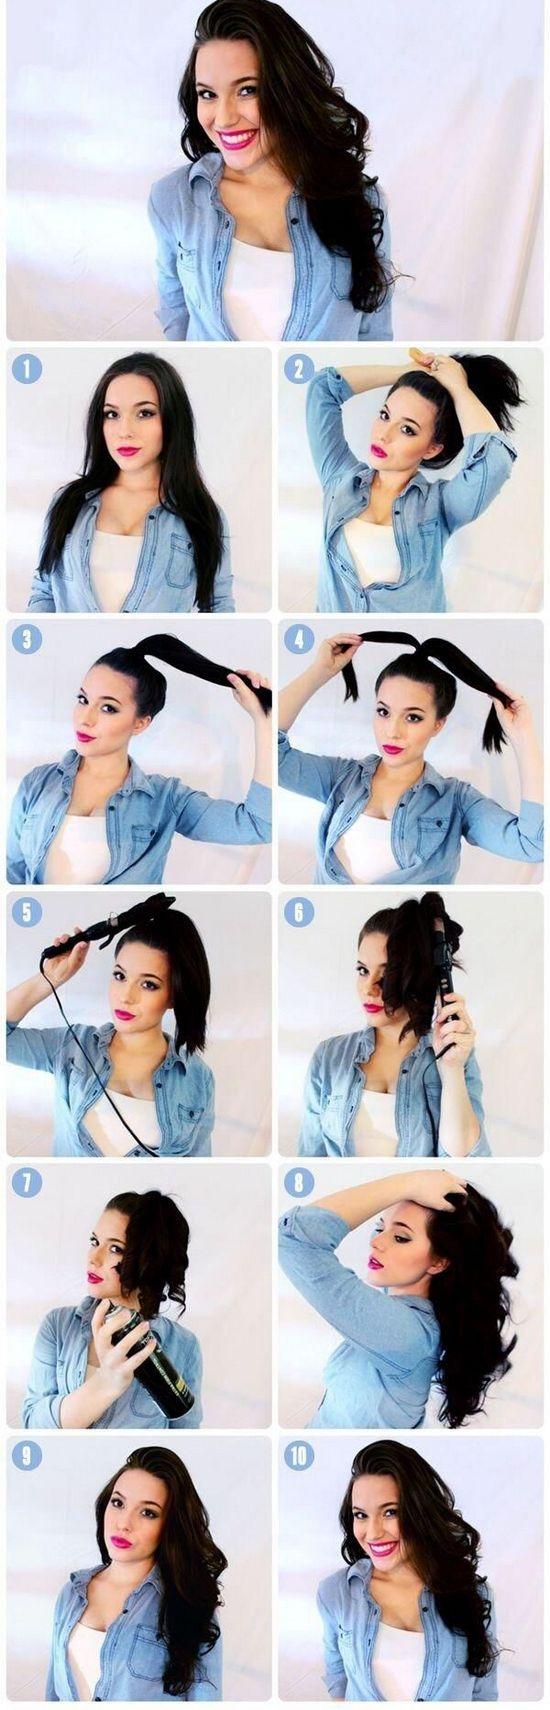 Как сделать красивые прически с накрученными волосами?